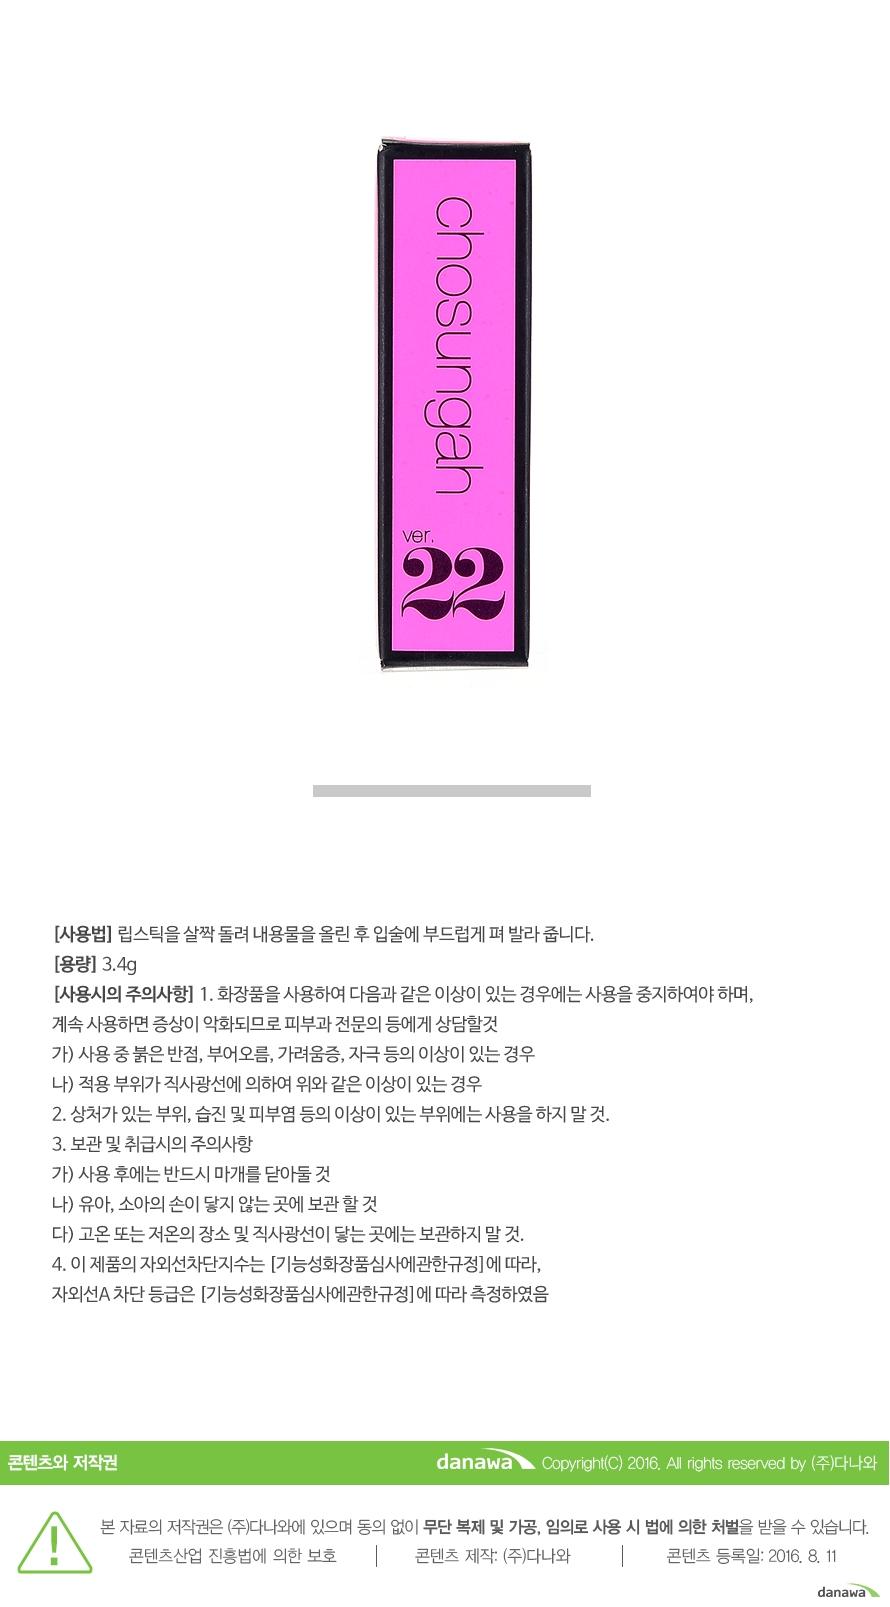 조성아22 플레이버풀 립스틱의 사용 방법 및 상세 정보